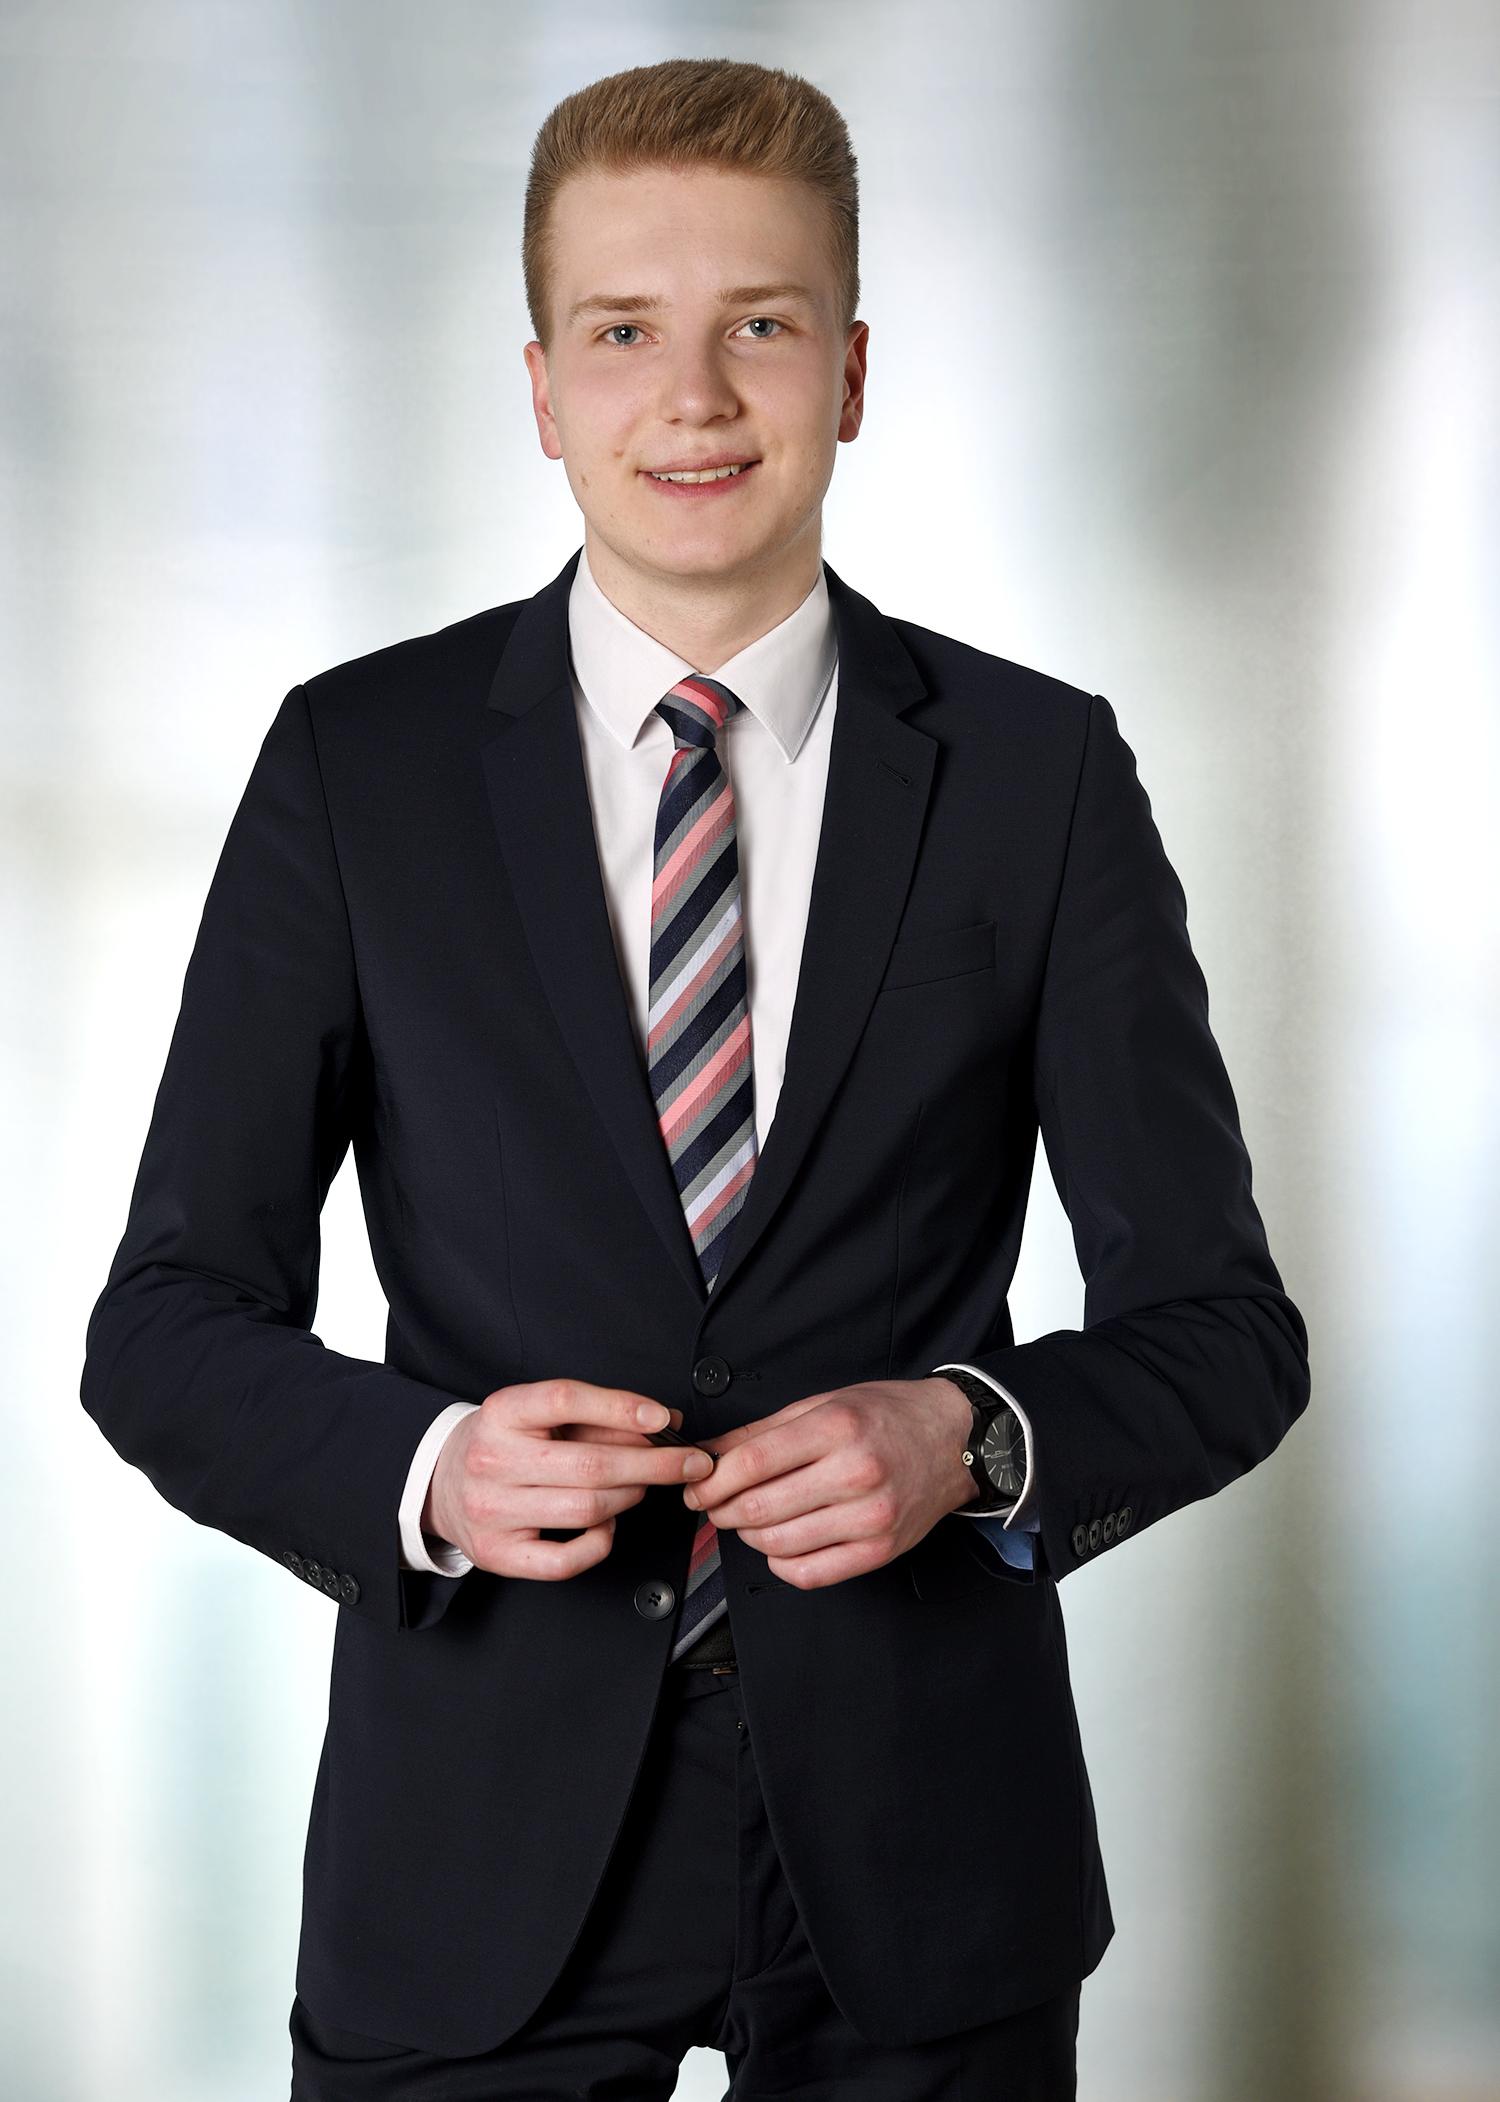 Jens Flügge